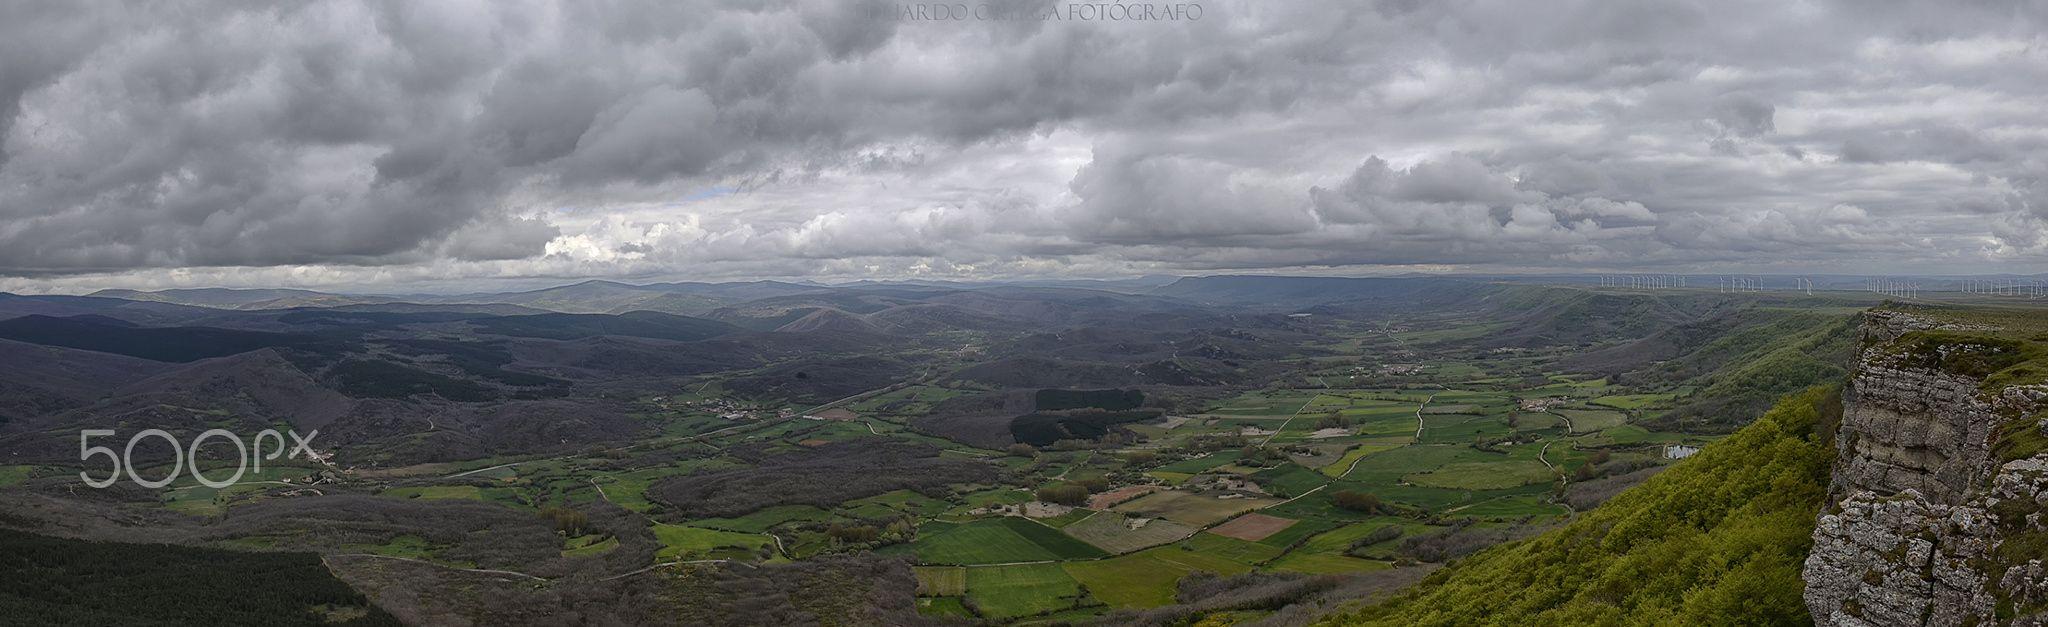 Panorama mirador Valcabado - Mirador de Valcabado cerquita de la cueva de los Franceses en el páramo de Lora Divisamos el valle de Valderredible